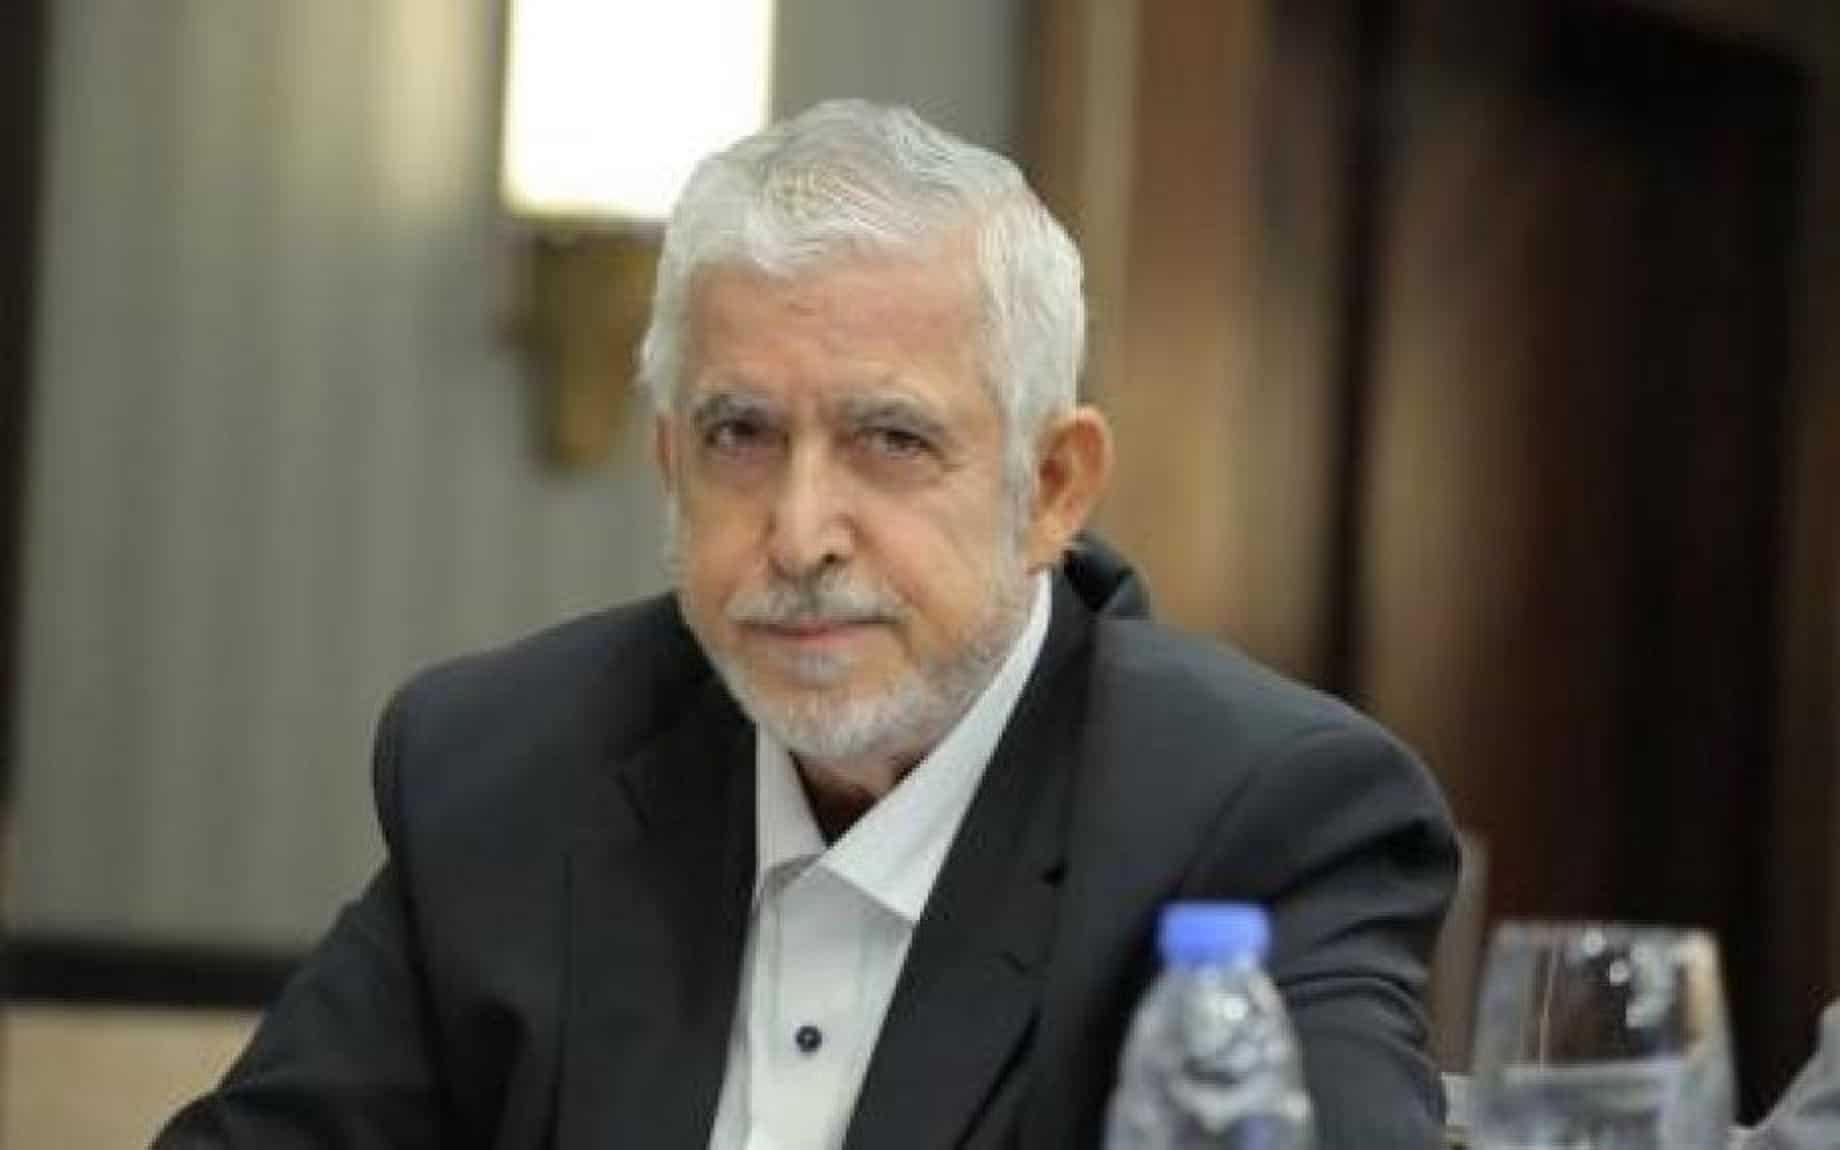 محمد الخضري ممثل حماس أصيب بالشلل في السعودية